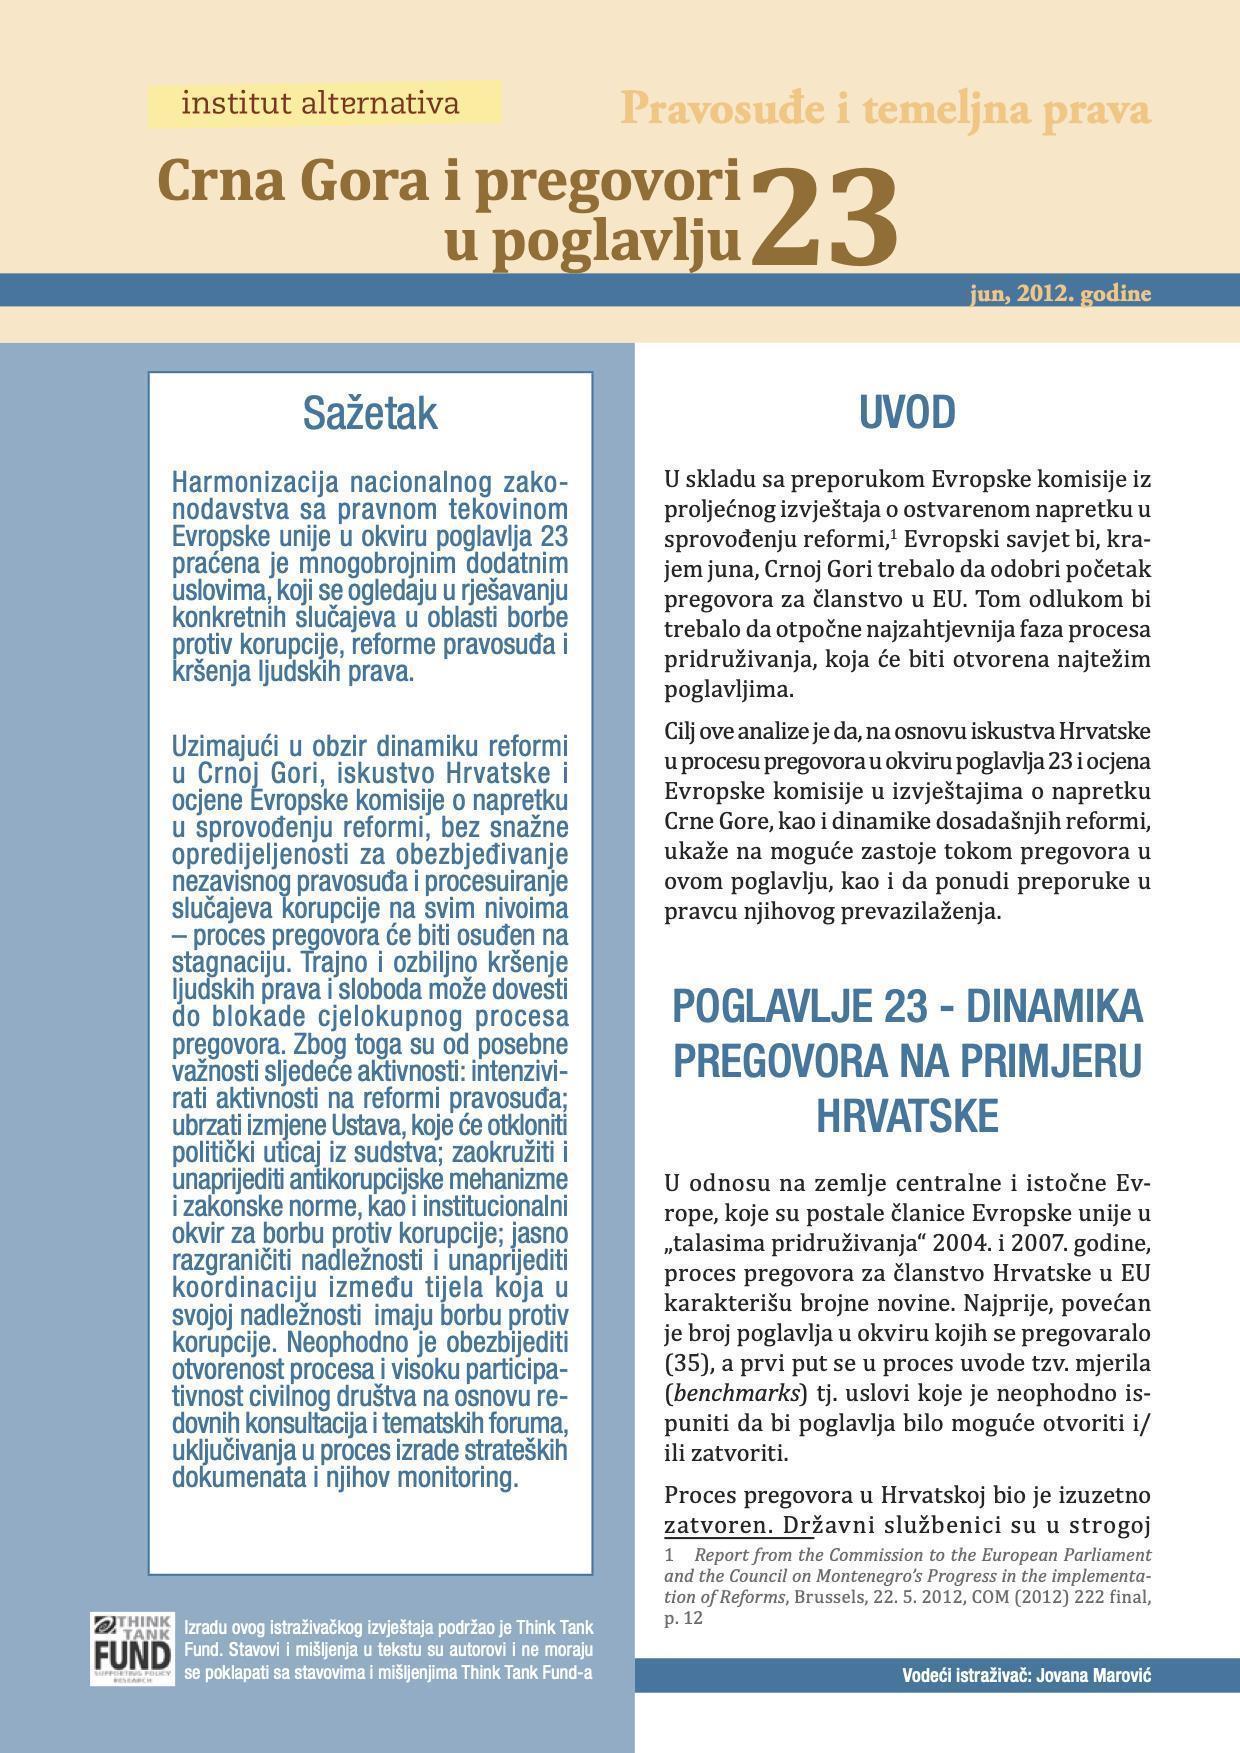 Crna Gora i pregovori u poglavlju 23 - Pravosuđe i temeljna pravda